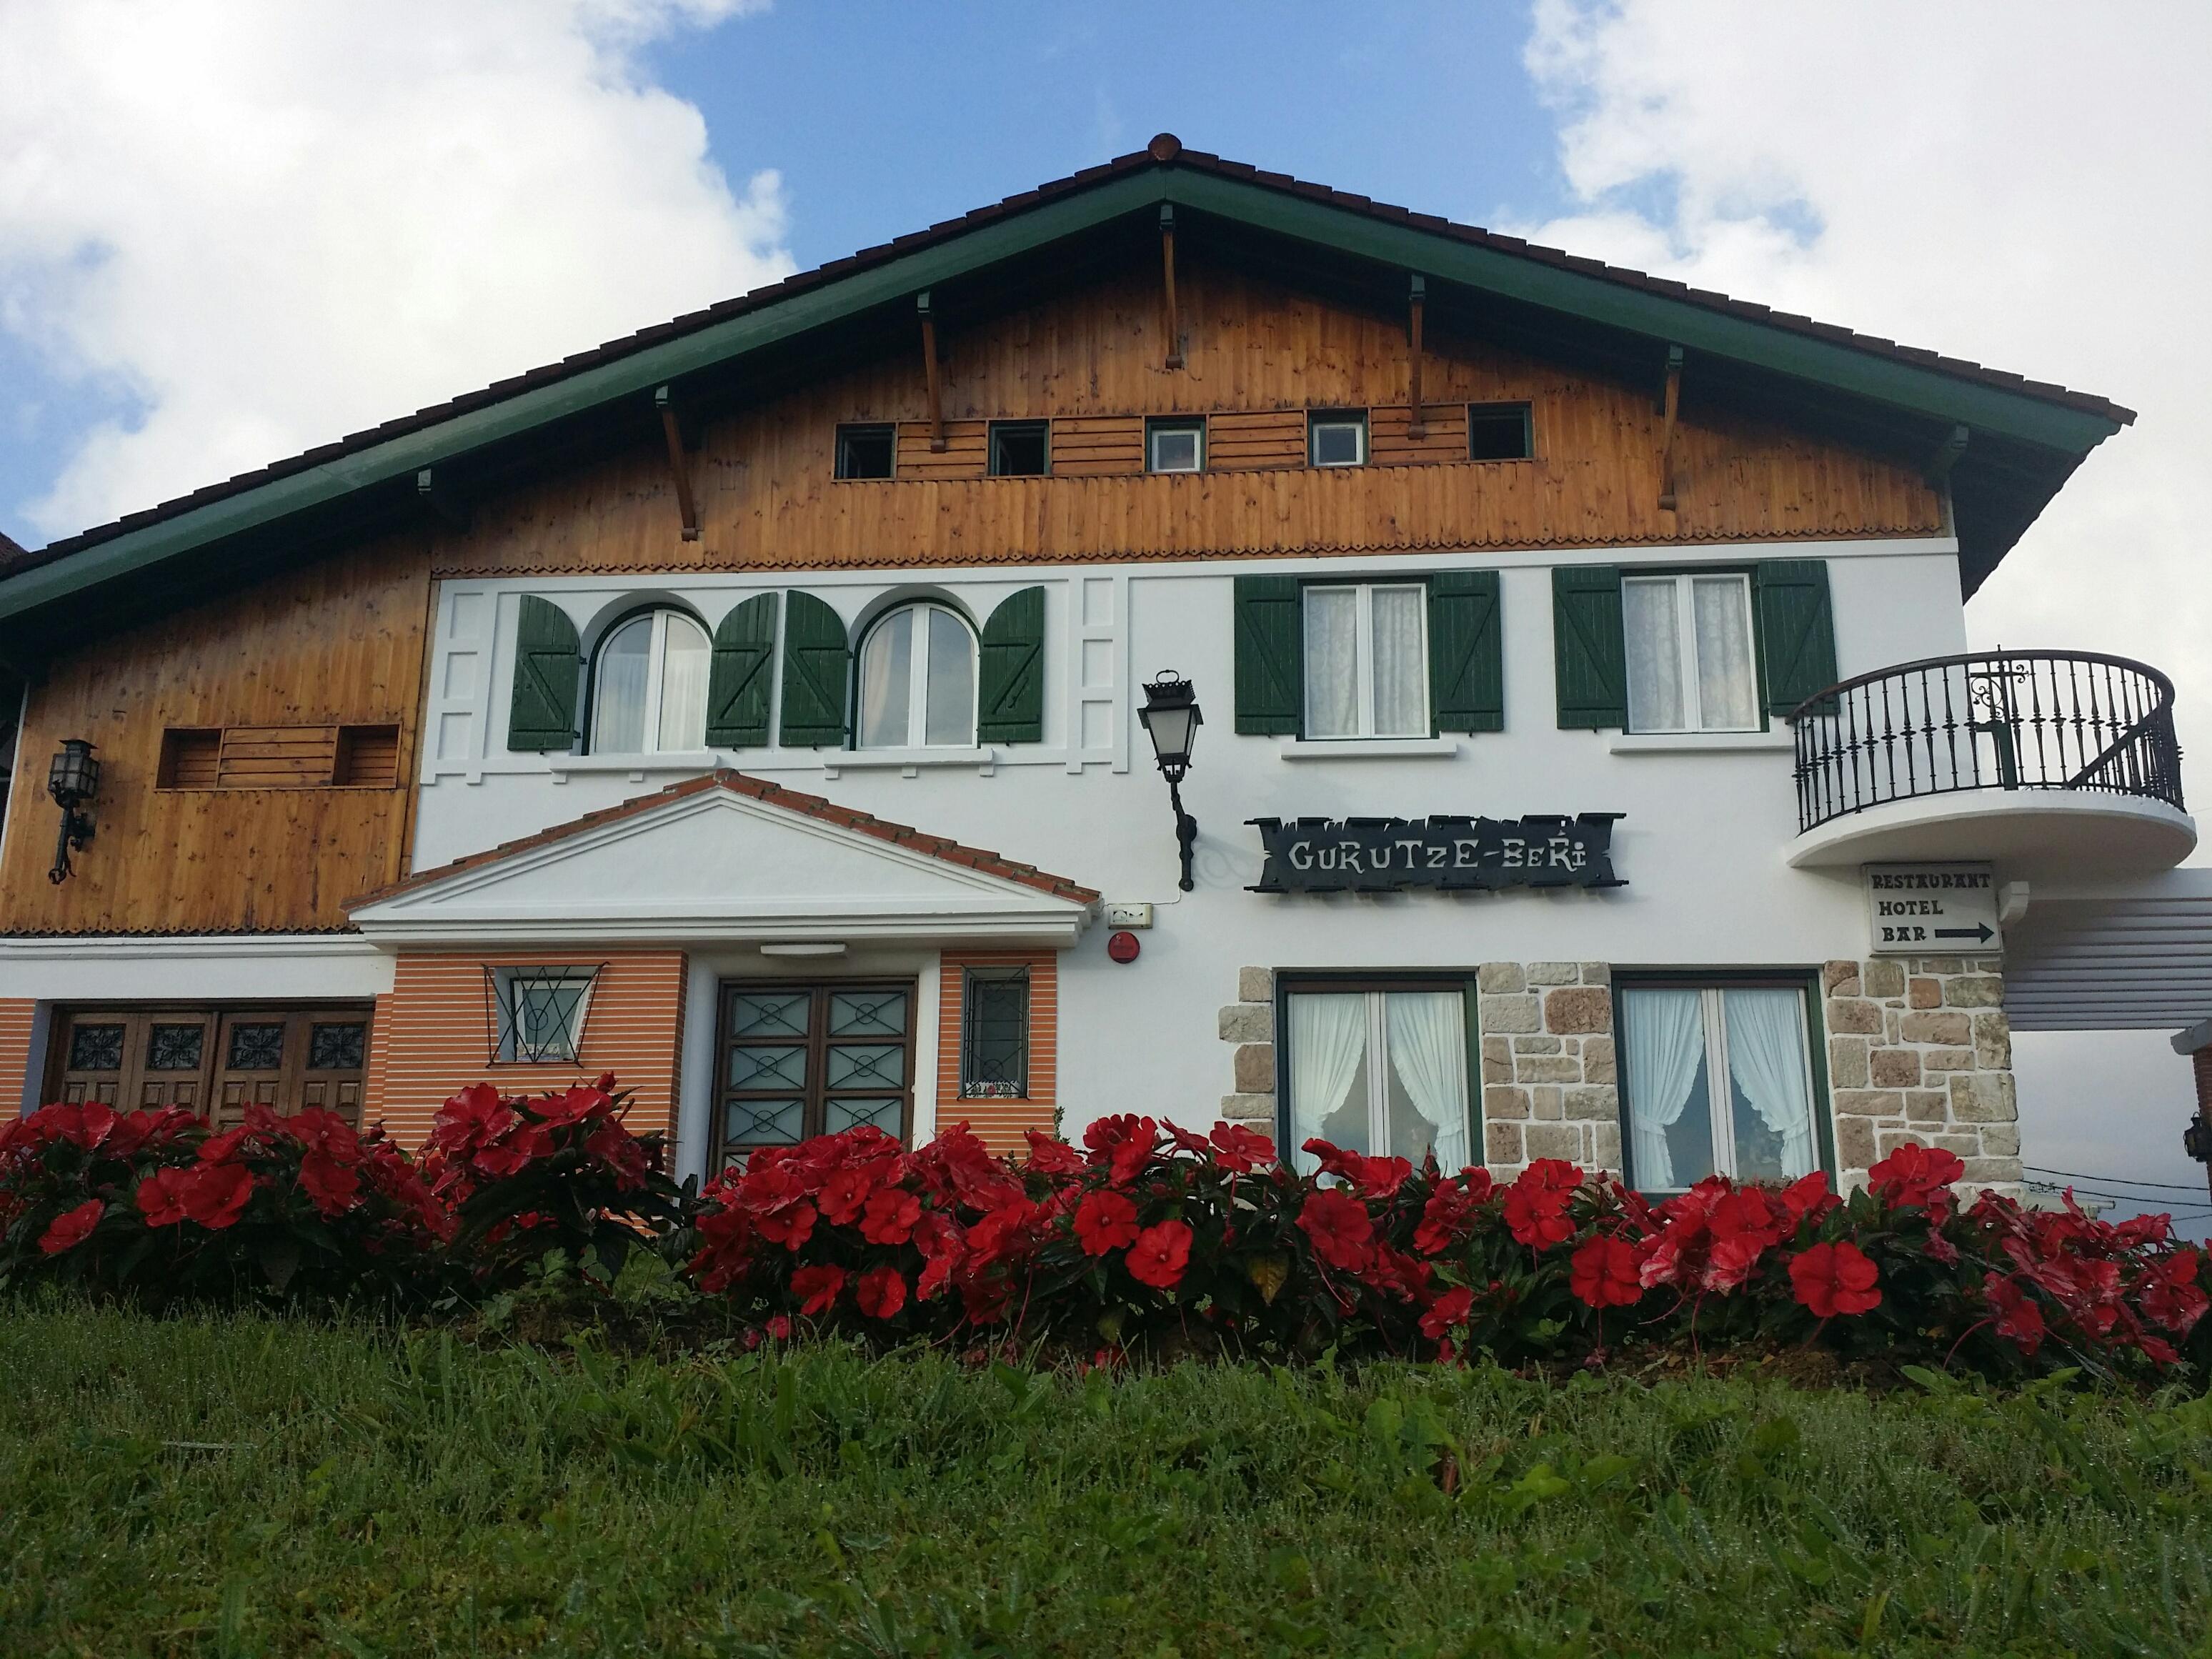 Hotel gurutze berri naturaleza en estado puro - Hotel en ronda con encanto ...